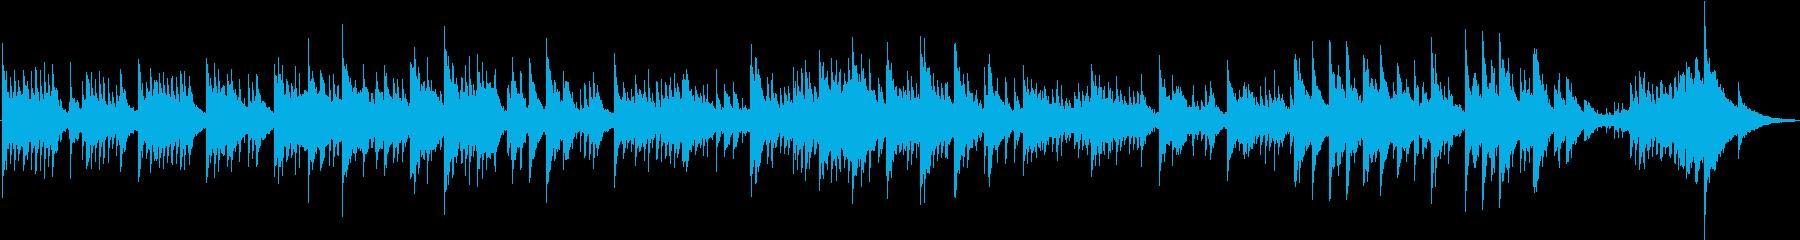 室内楽 透明感 ピアノ ハープの再生済みの波形